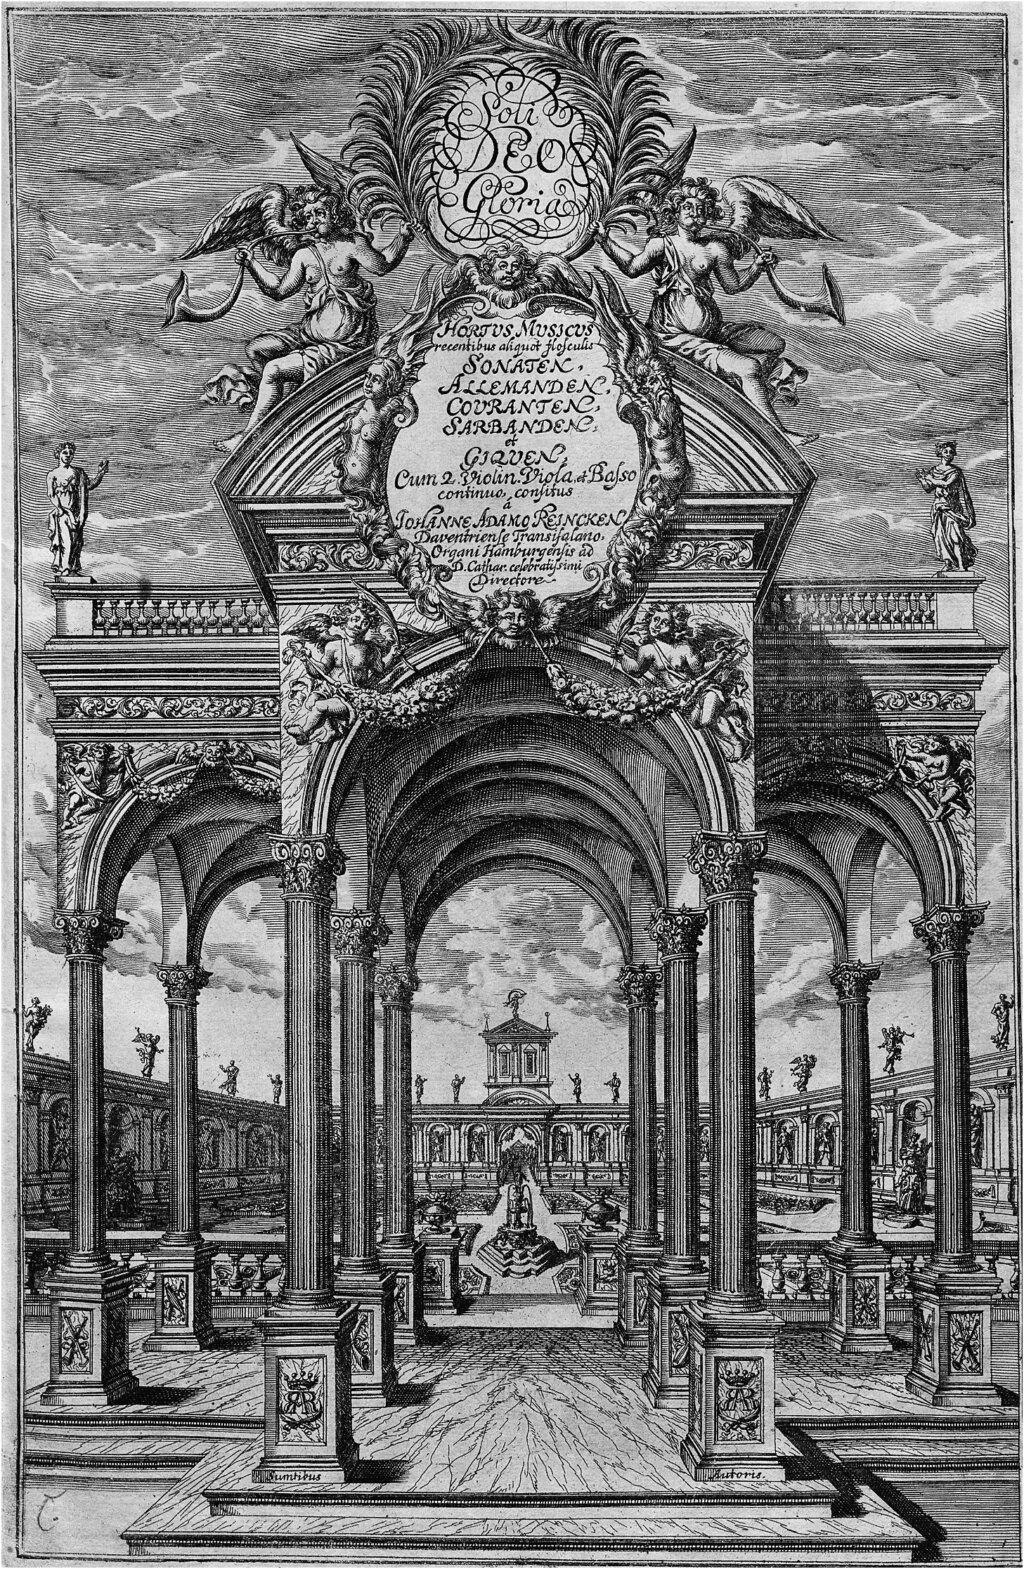 reincken - Buxtehude, Reincken - Musique de chambre Reinck10